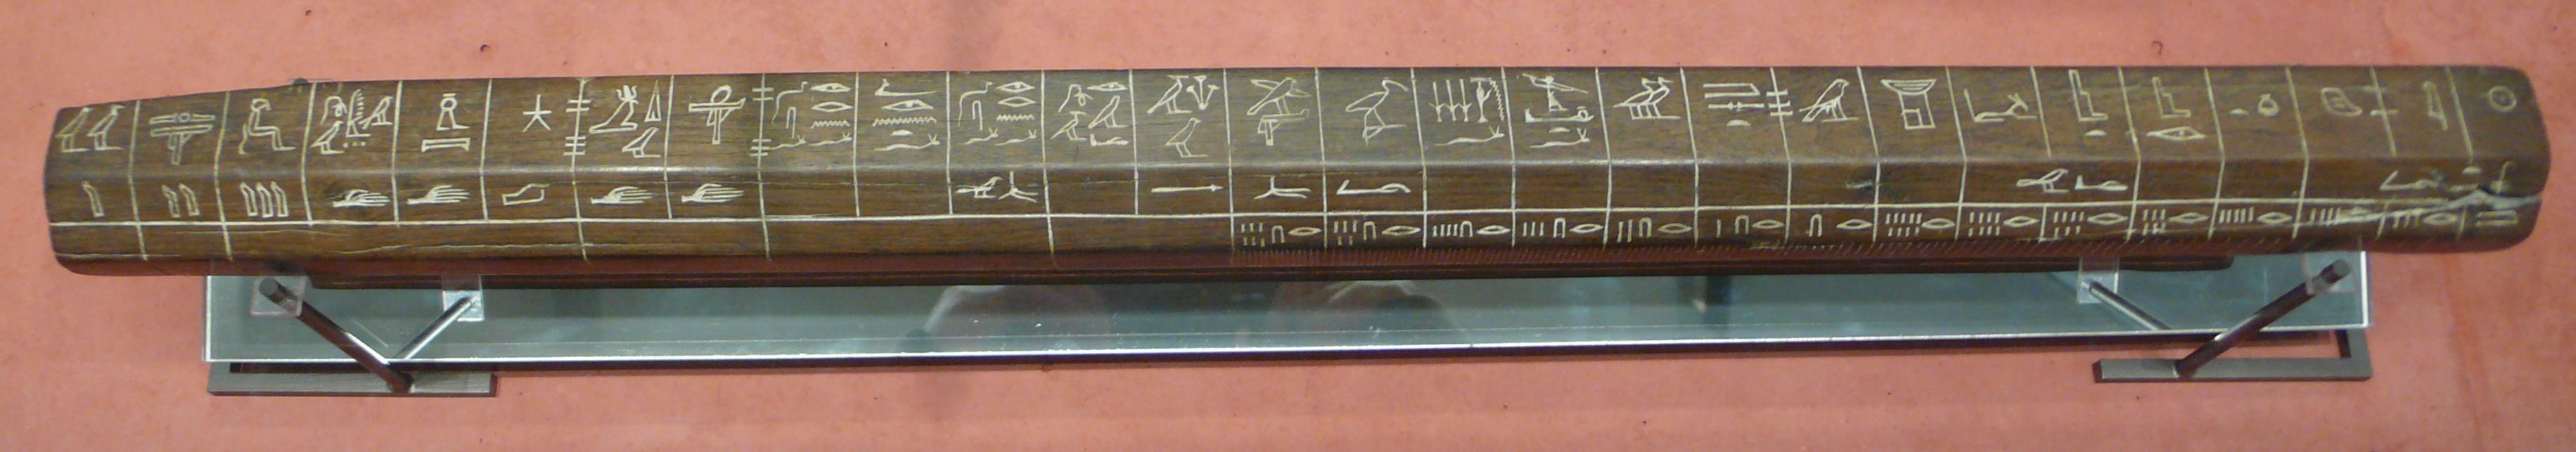 Staroegyptský etalon lokte (artefakt), z období 18. dynastie, 1336 – 1327 před př. n. l. Ze sbírek Musée du Louvre. Tyto etalony byly pravidelně porovnávány každý měsíc s primárním etalonem lokte. Veřejné dílo.